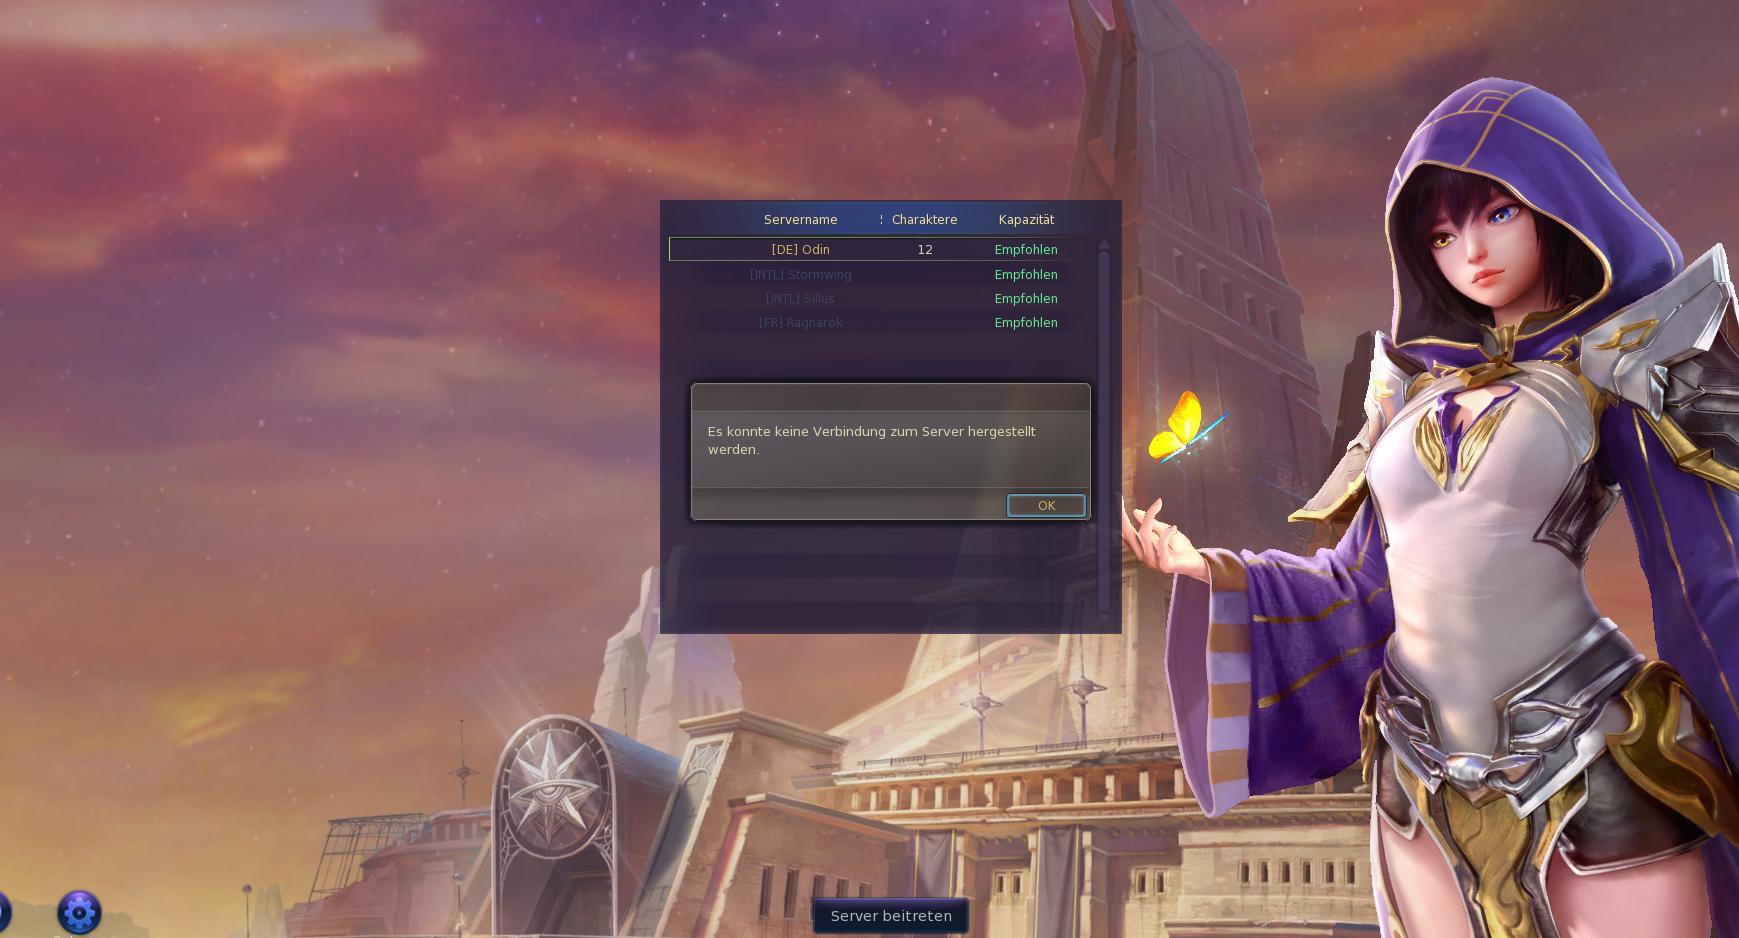 Stargames Keine Verbindung Zum Server